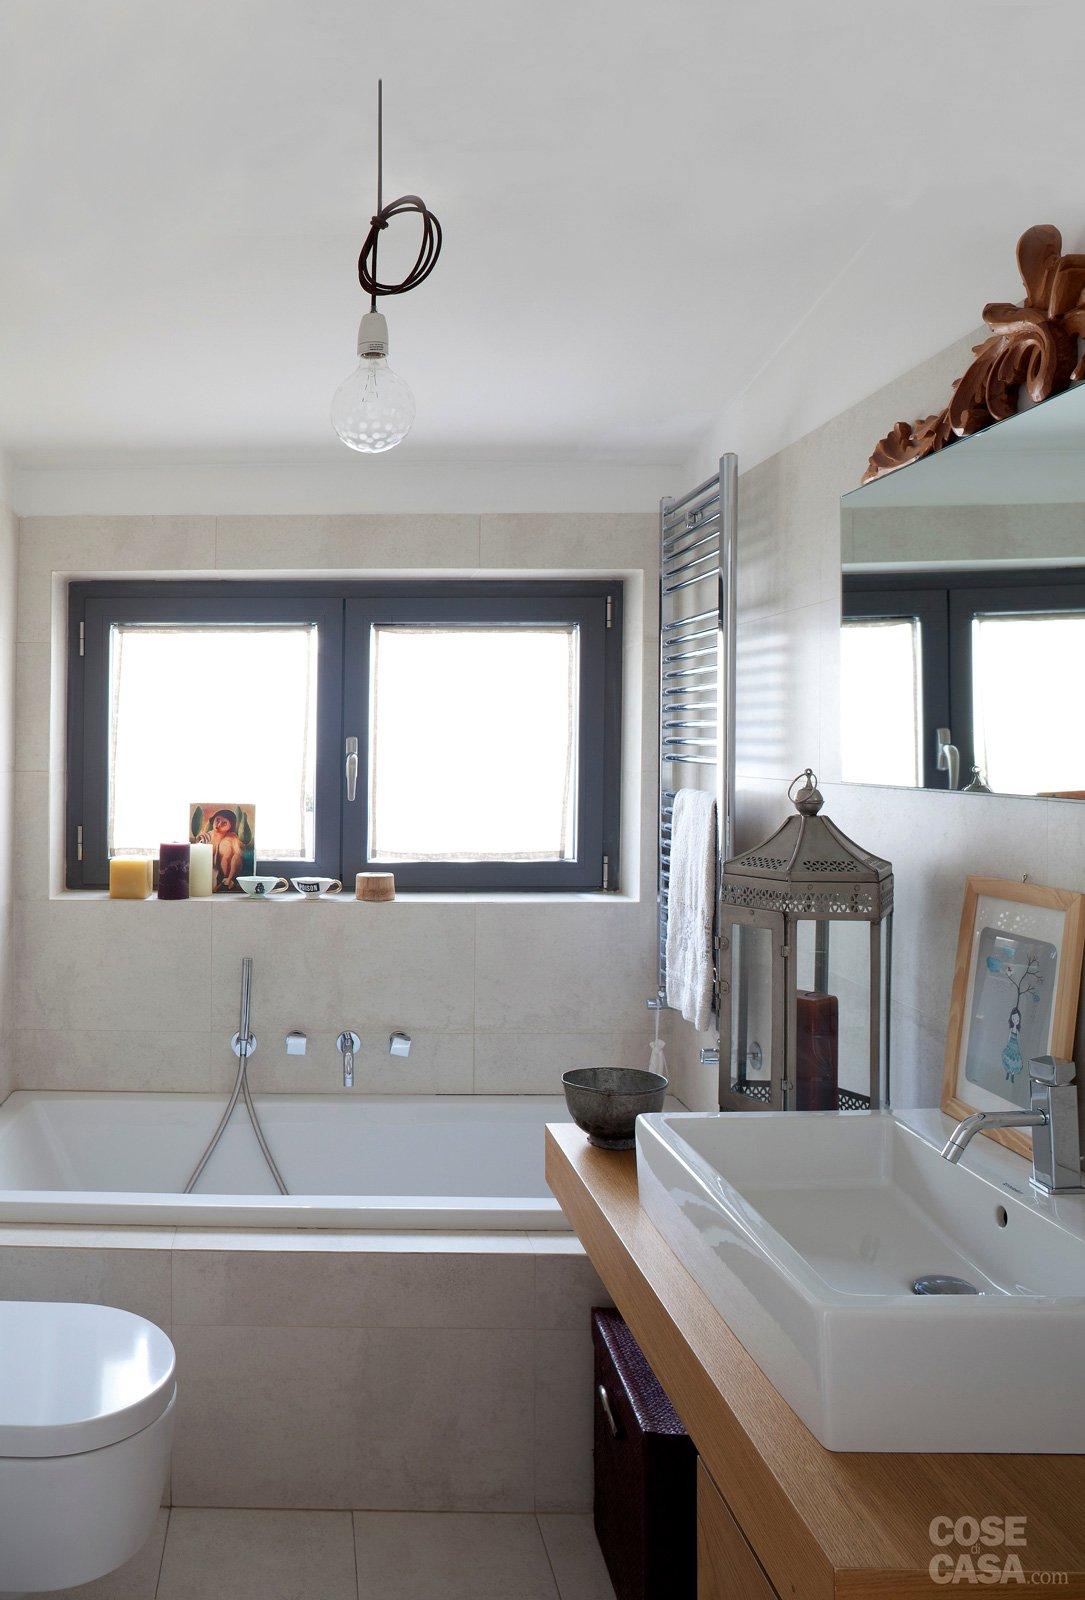 Tappeto davanti al divano idee per il design della casa for Telaio della finestra progetta il design della casa